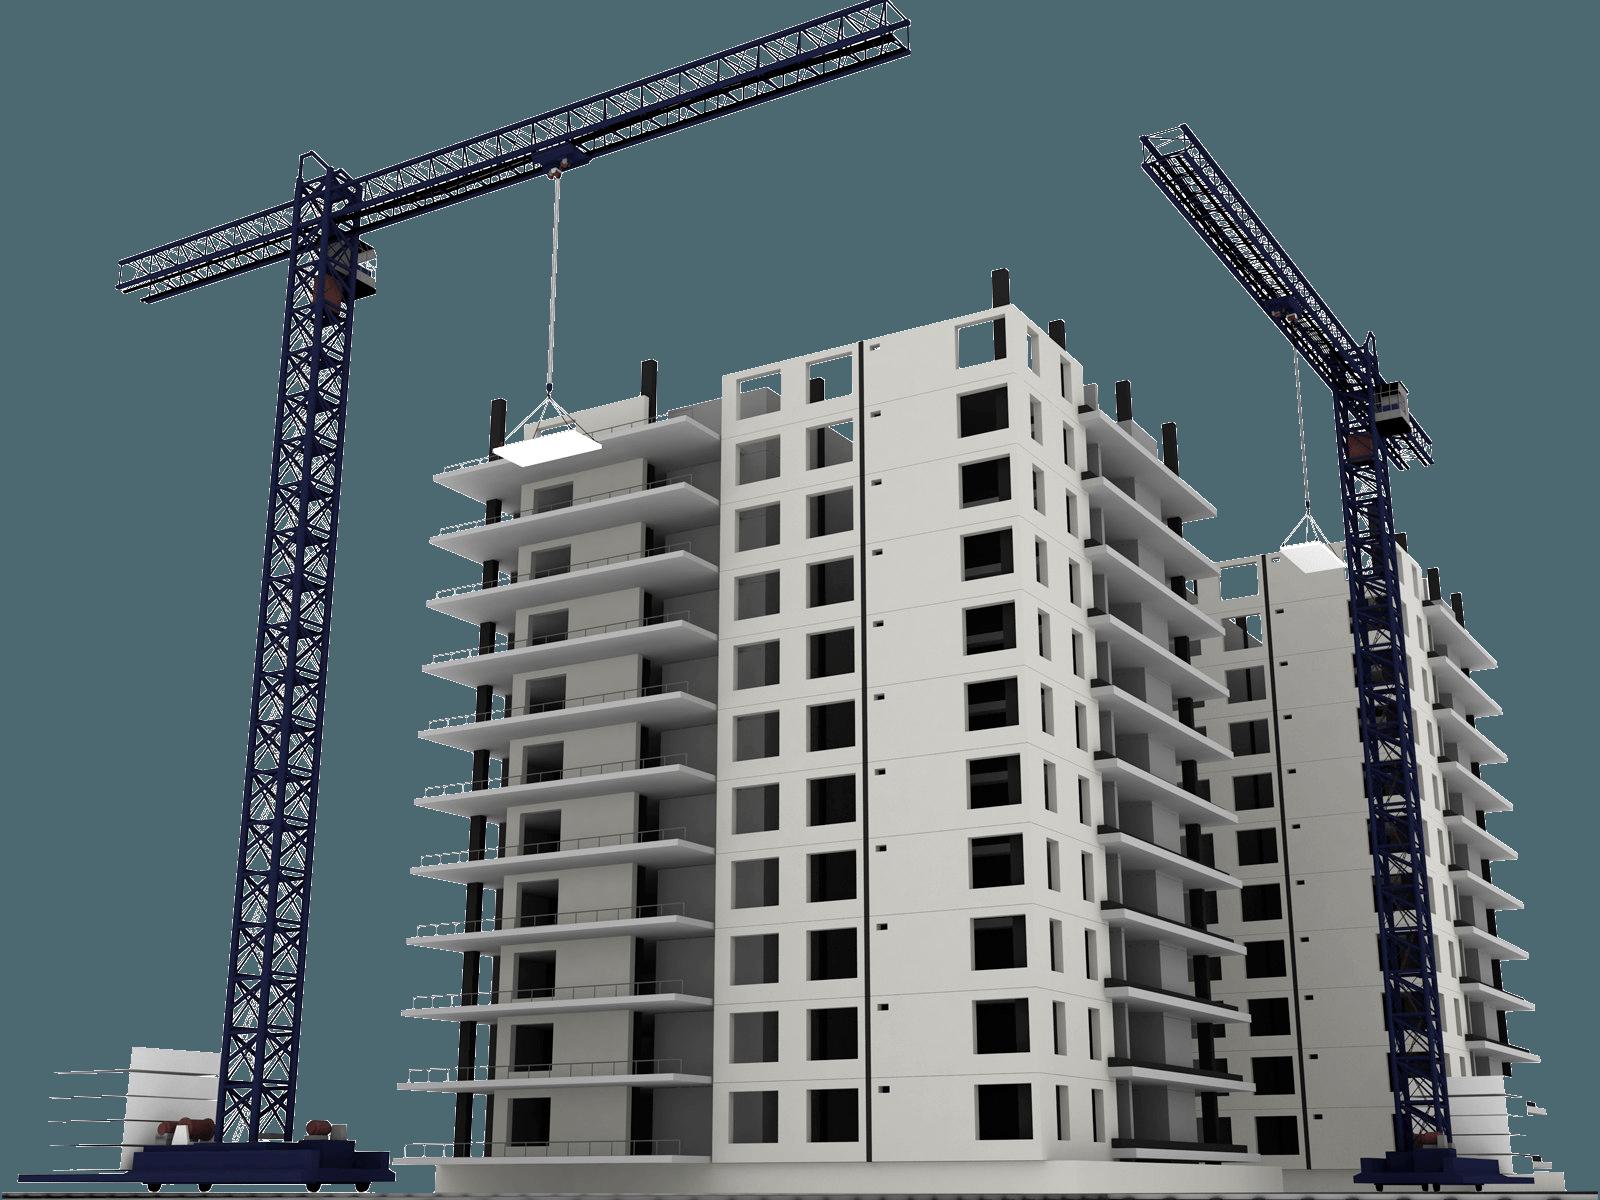 Rehabilitación de fachadas y de edificios